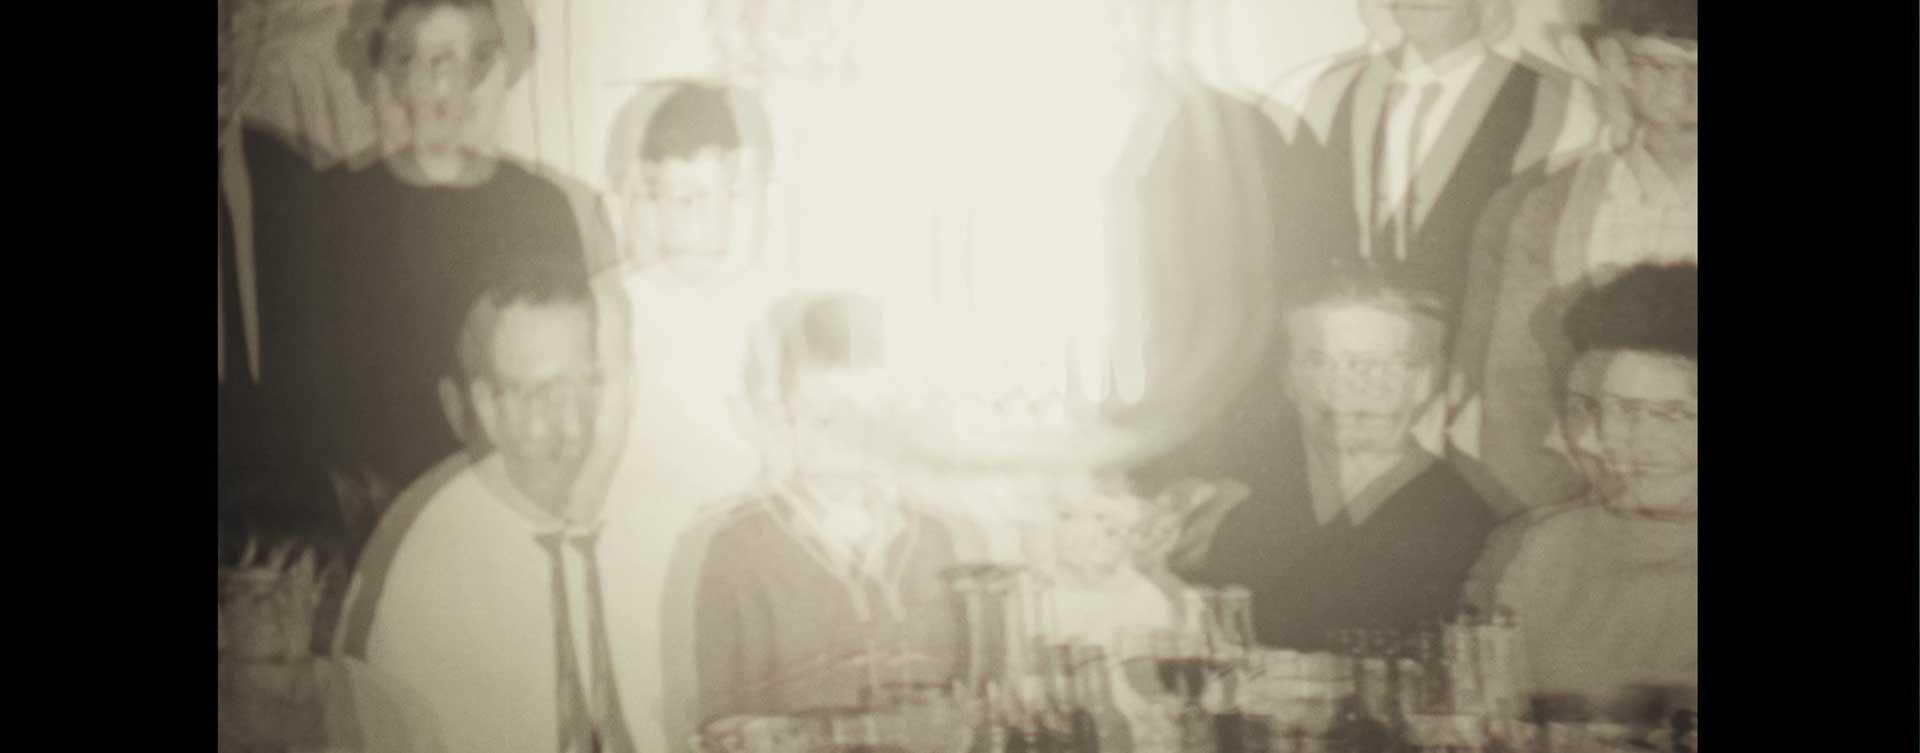 foto antigua distorsionada